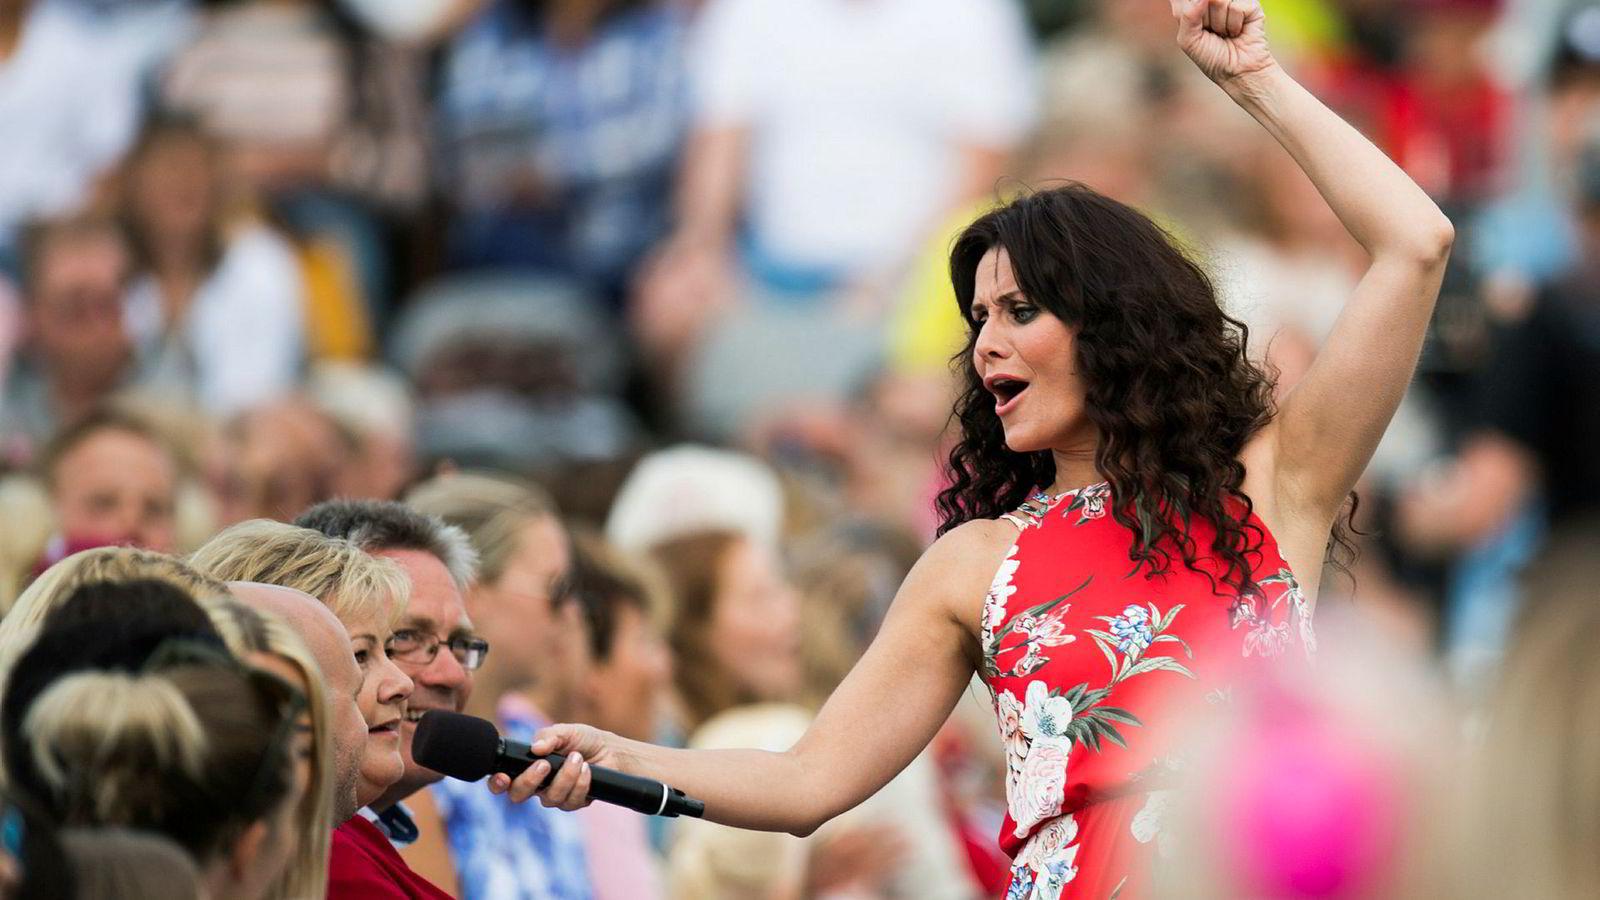 Programleder Katrine Moholt og statsminister Erna Solberg (H) under opptakene til det TV 2-sendte programmet «Allsang på grensen» på Fredriksten festning i Halden. Både programmet og resten av TV 2 har slitt med å trekke seere i juni.